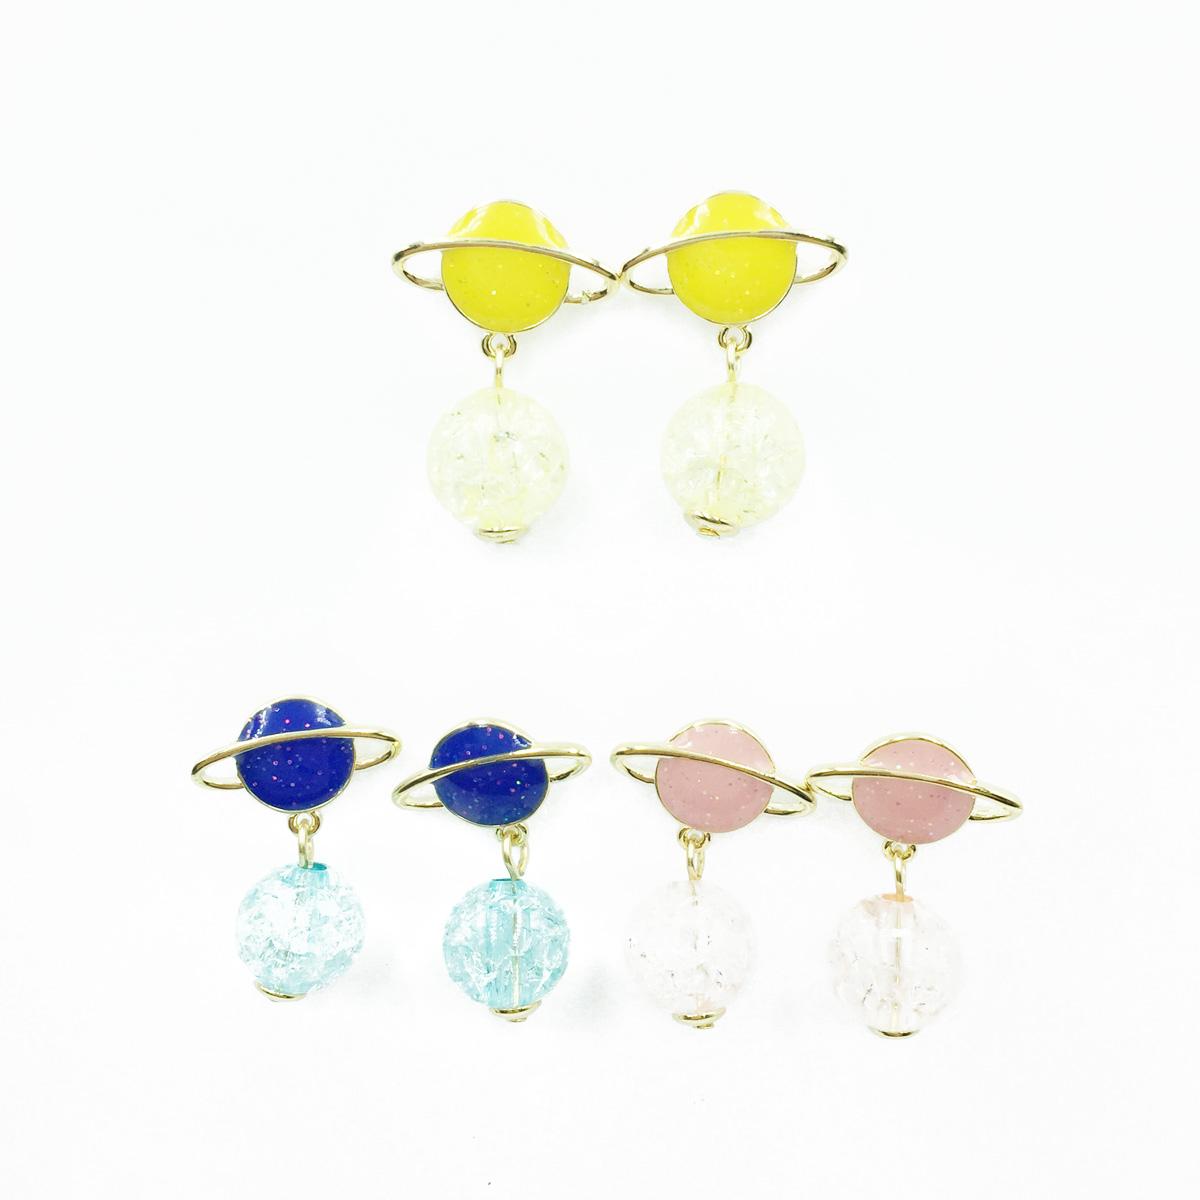 韓國 925純銀 星球 行星 透色球體 金蔥 金邊 3色 垂墜感 耳針式耳環